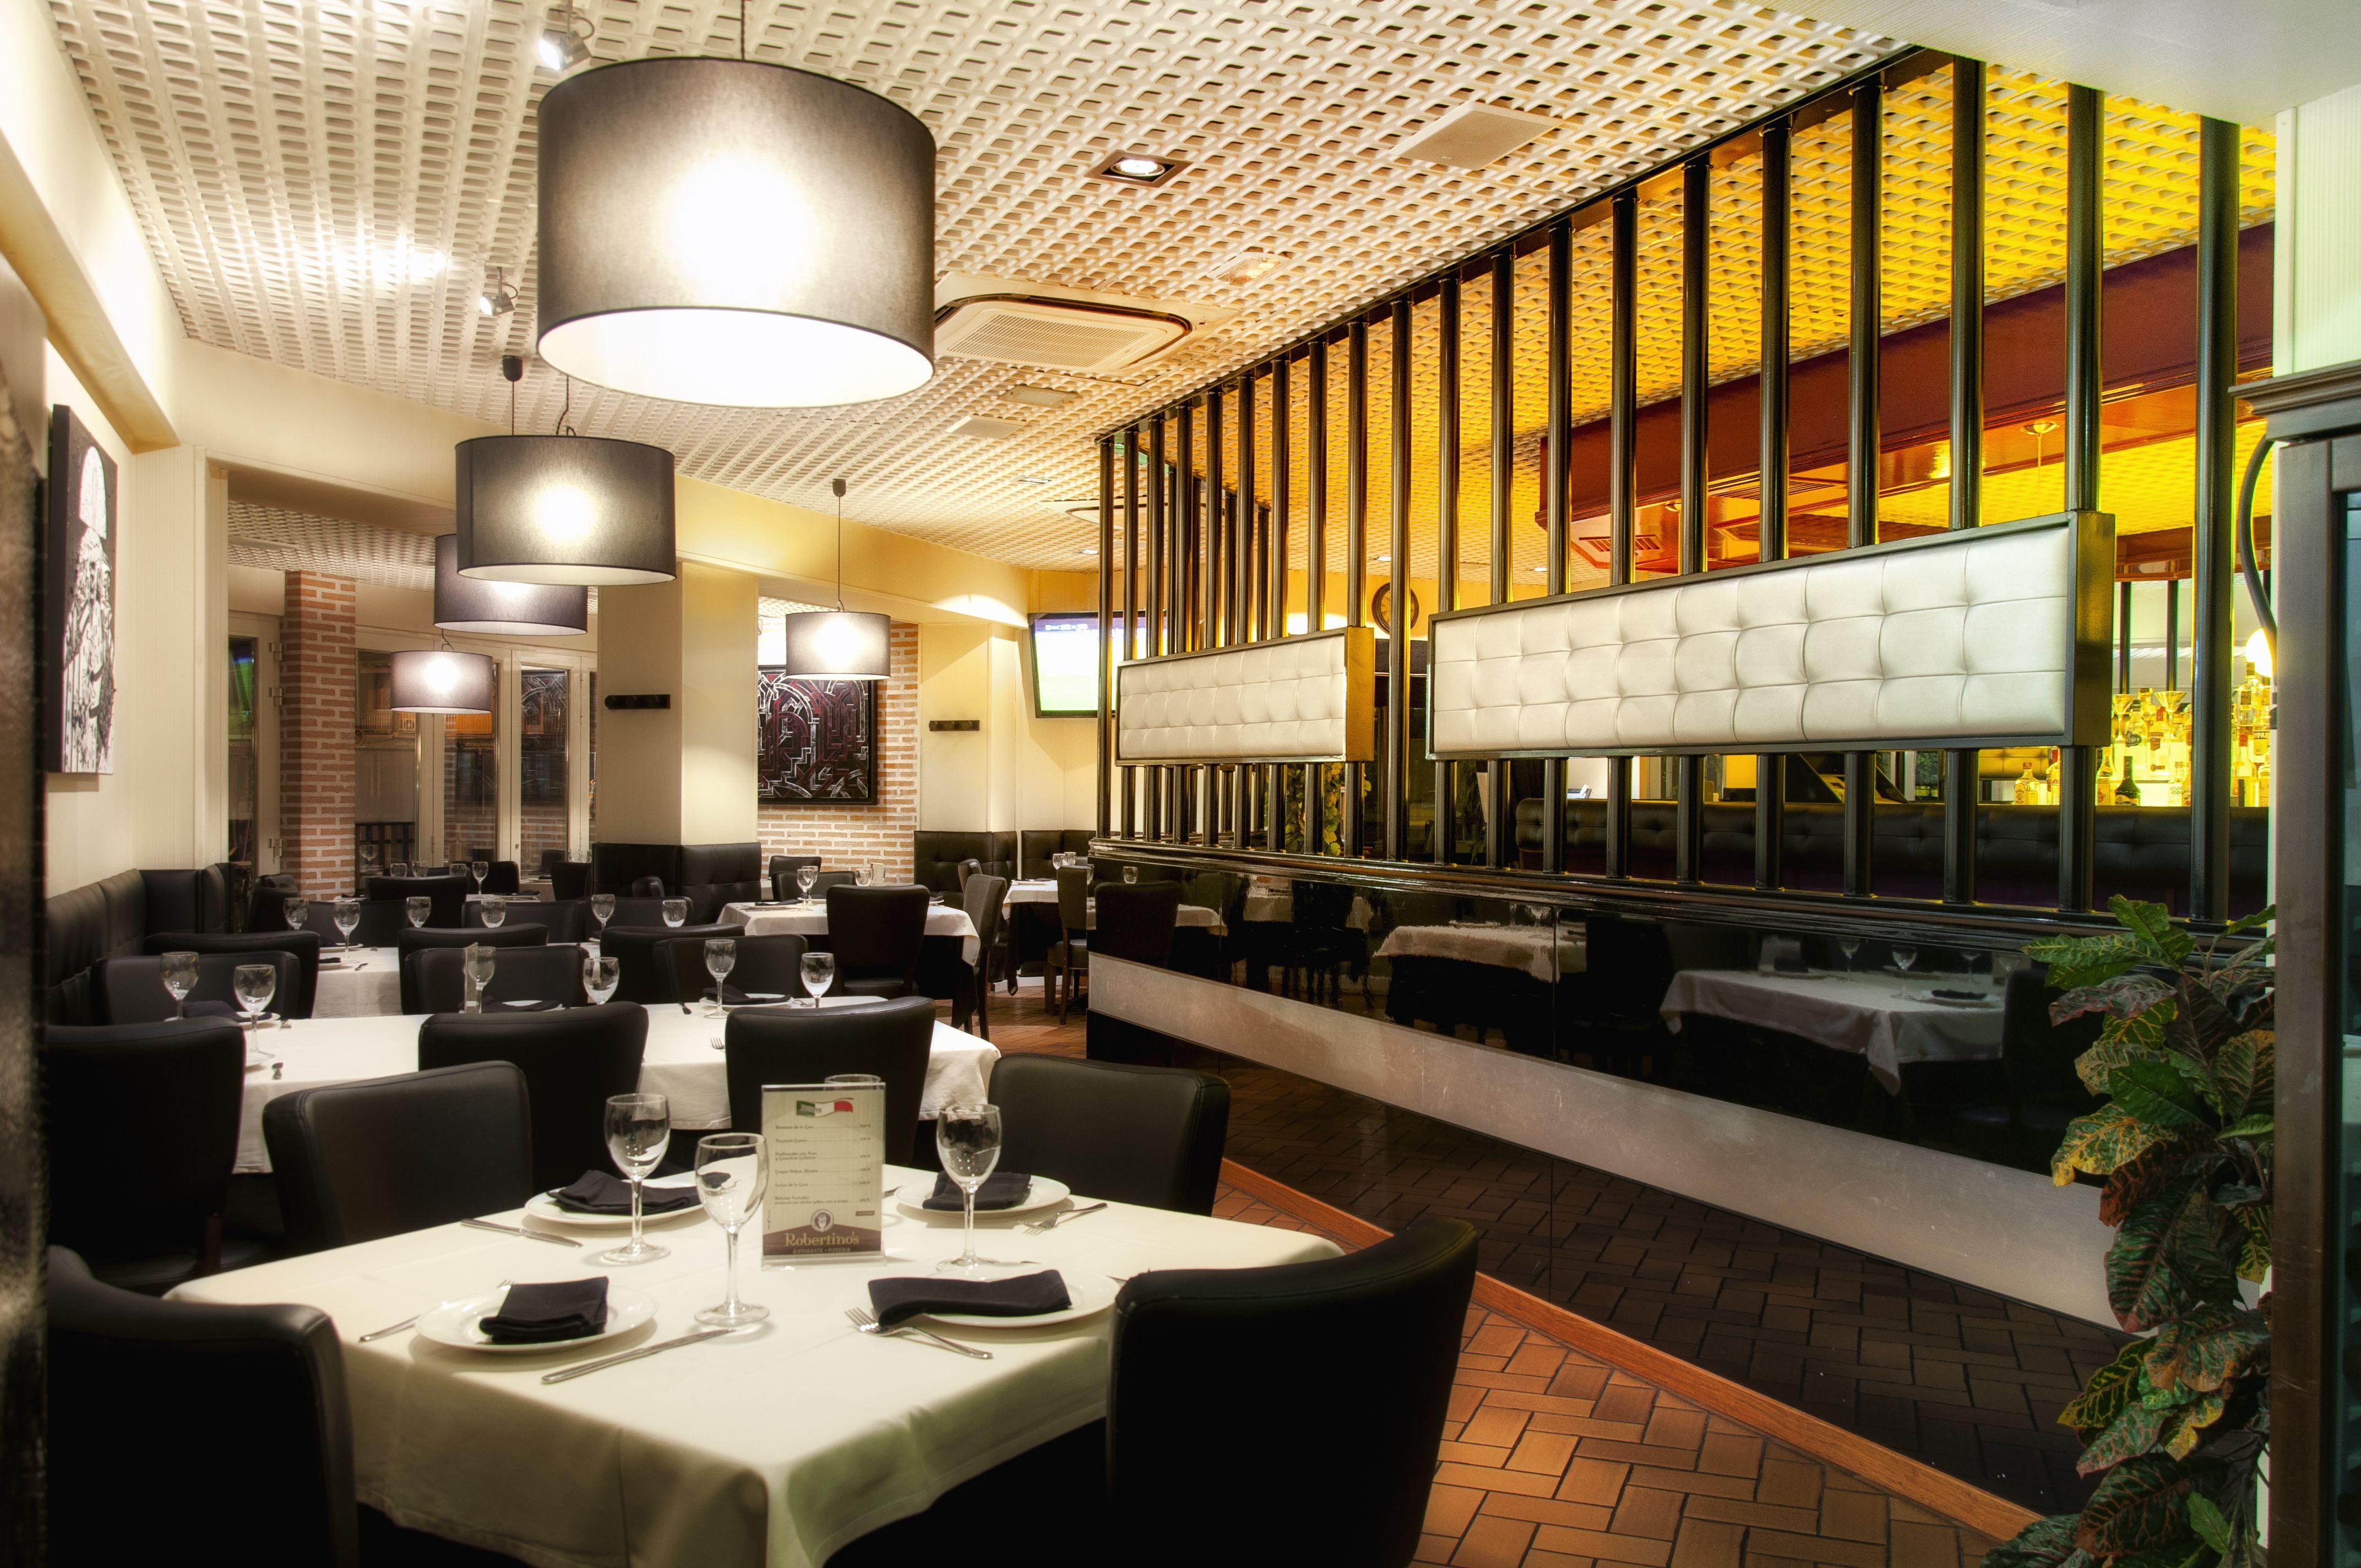 Foto 18 de Restaurante italiano en Collado Villalba | Restaurante Robertinos